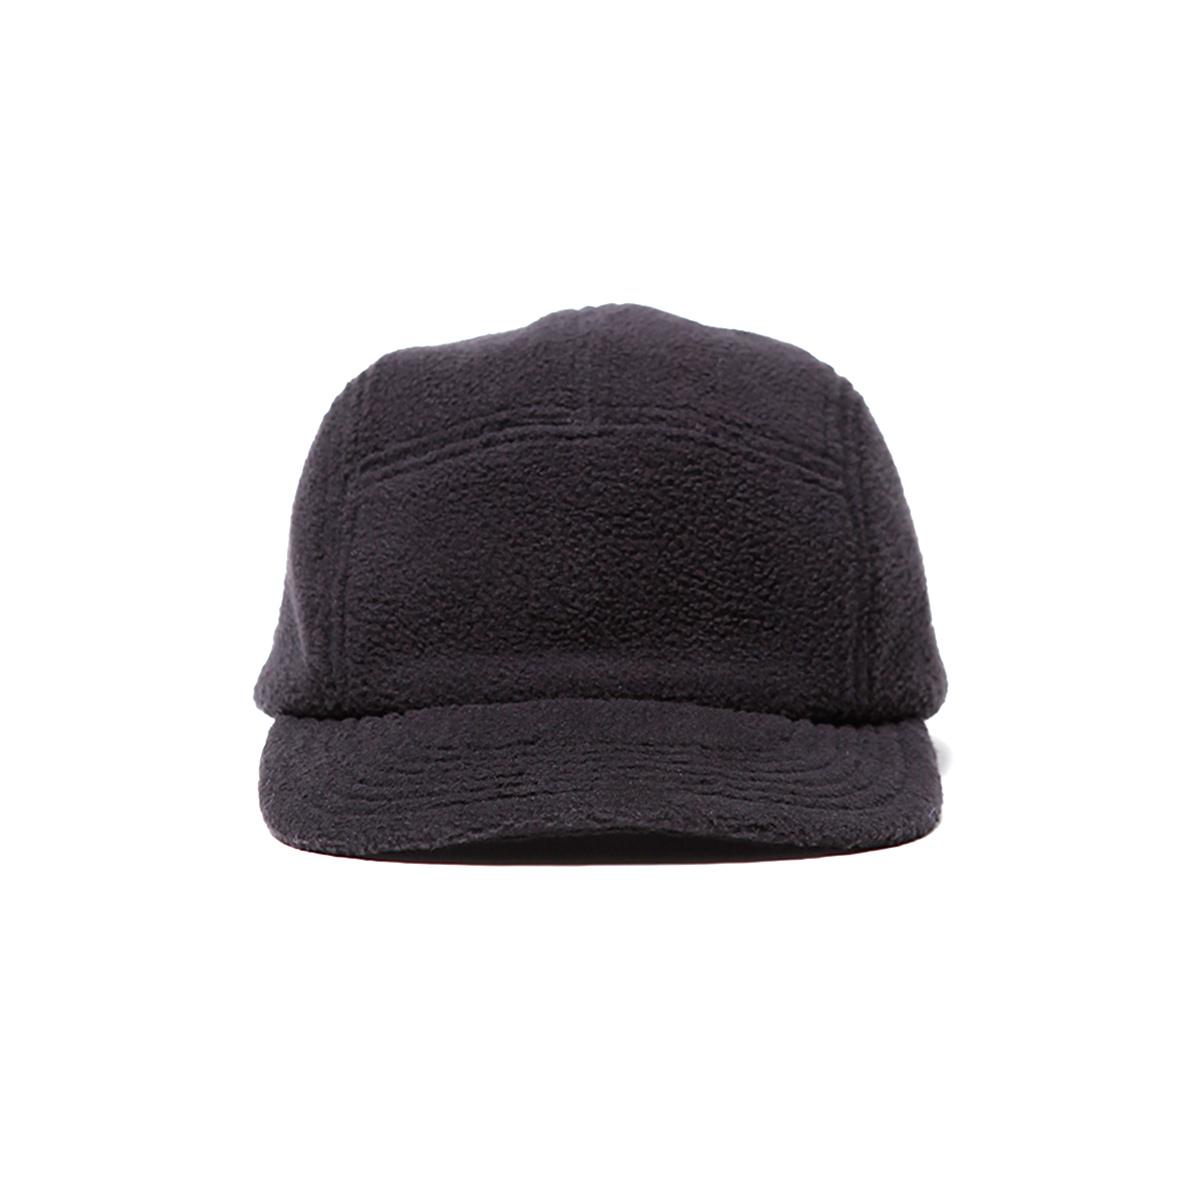 nonnative / DWELLER JET CAP POLY FLEECE POLARTEC -BLACK